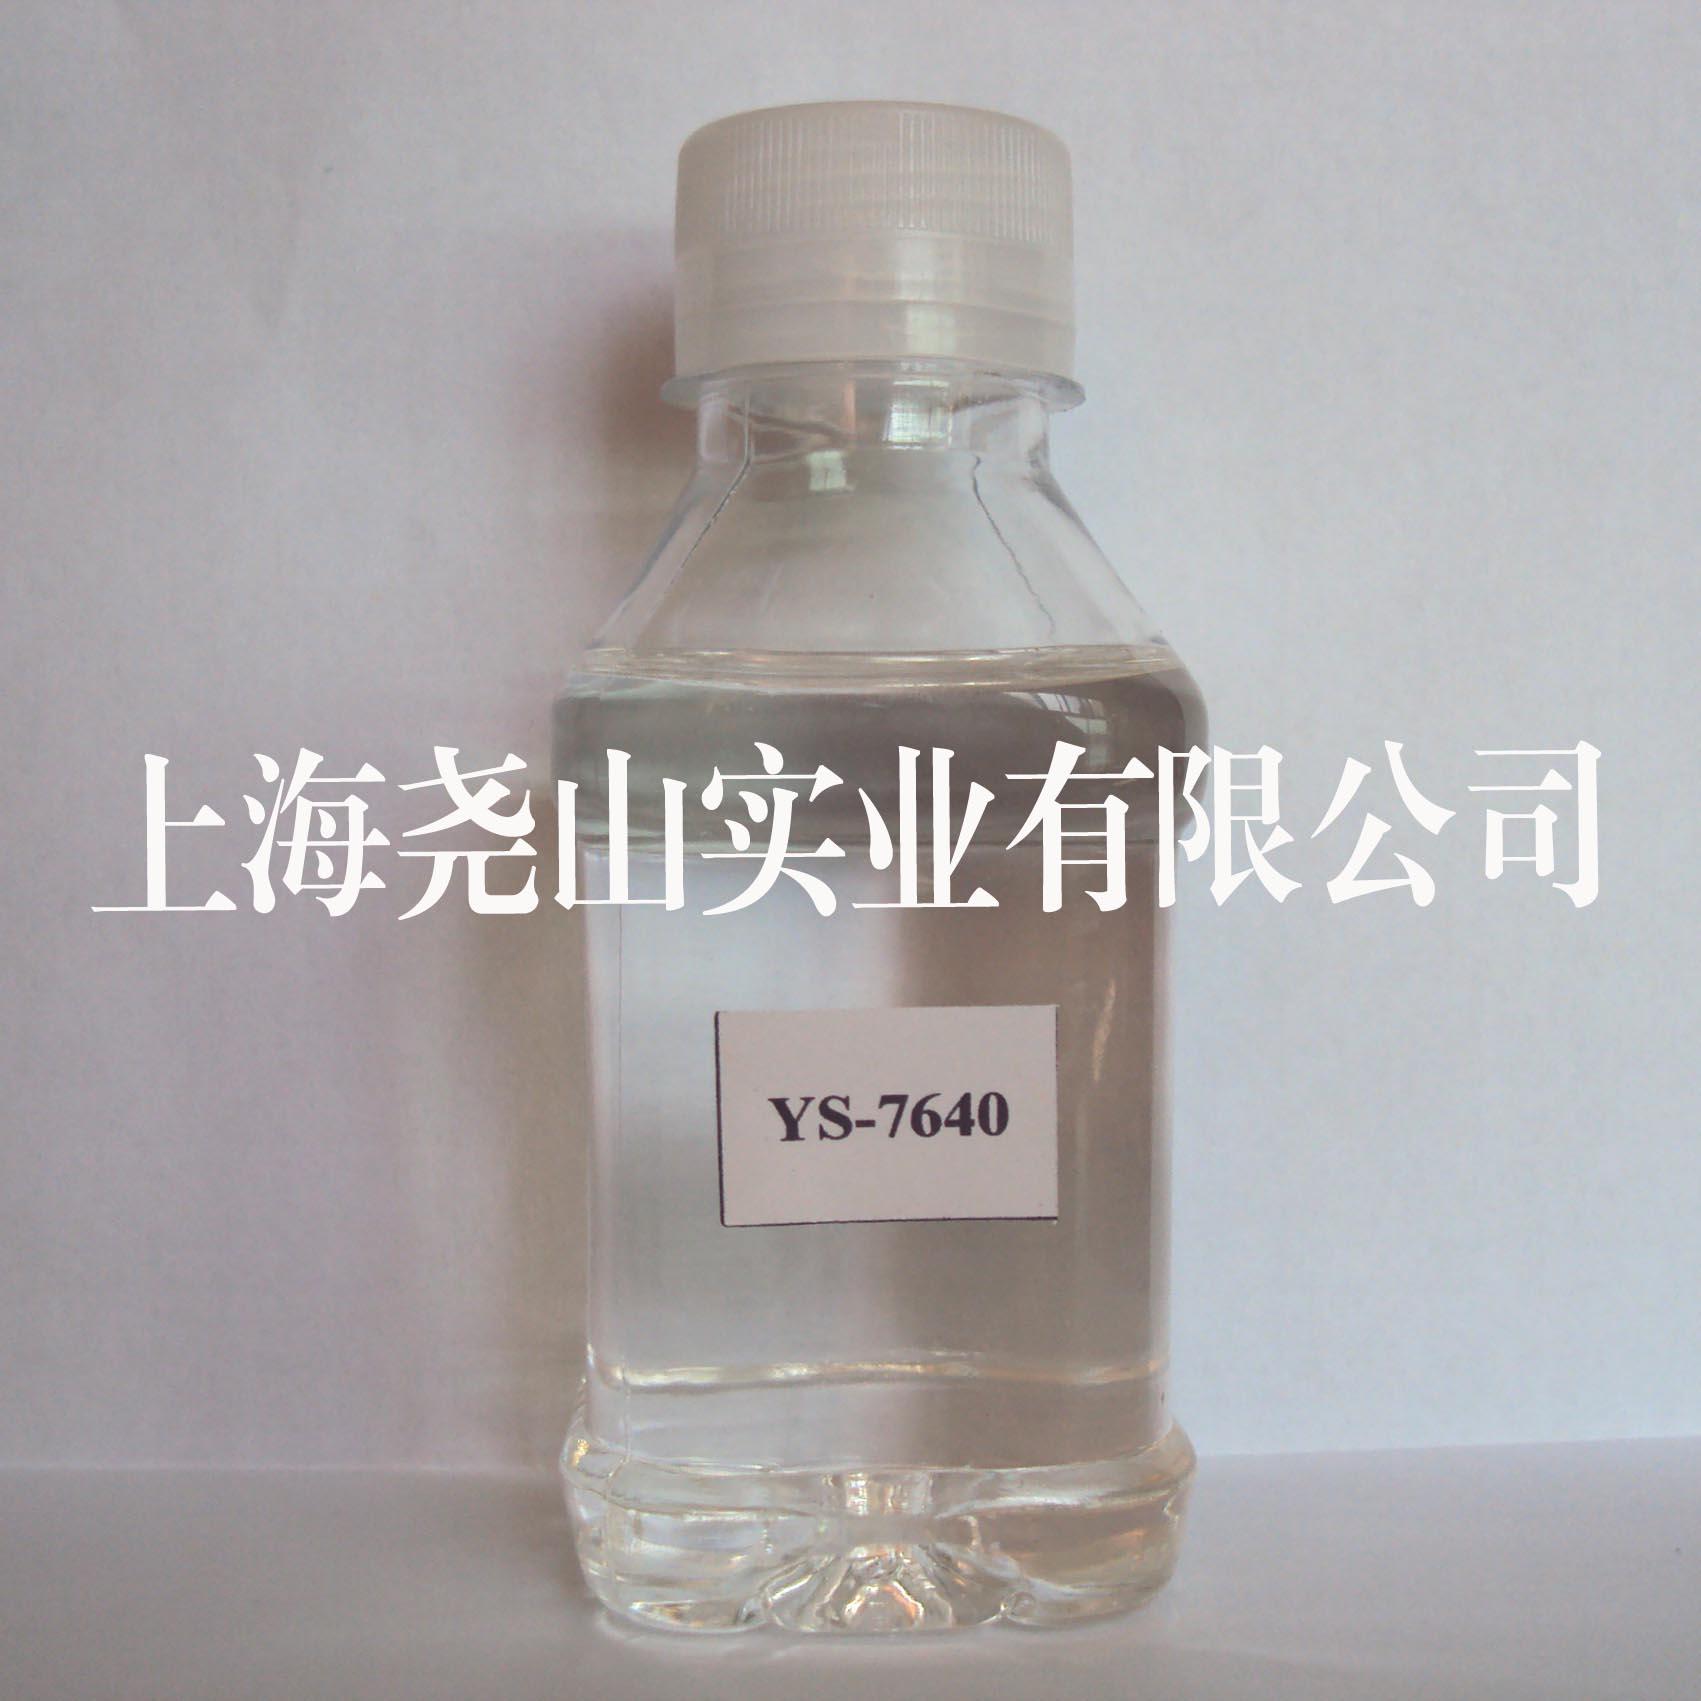 聚氨酯固化剂YS-7640